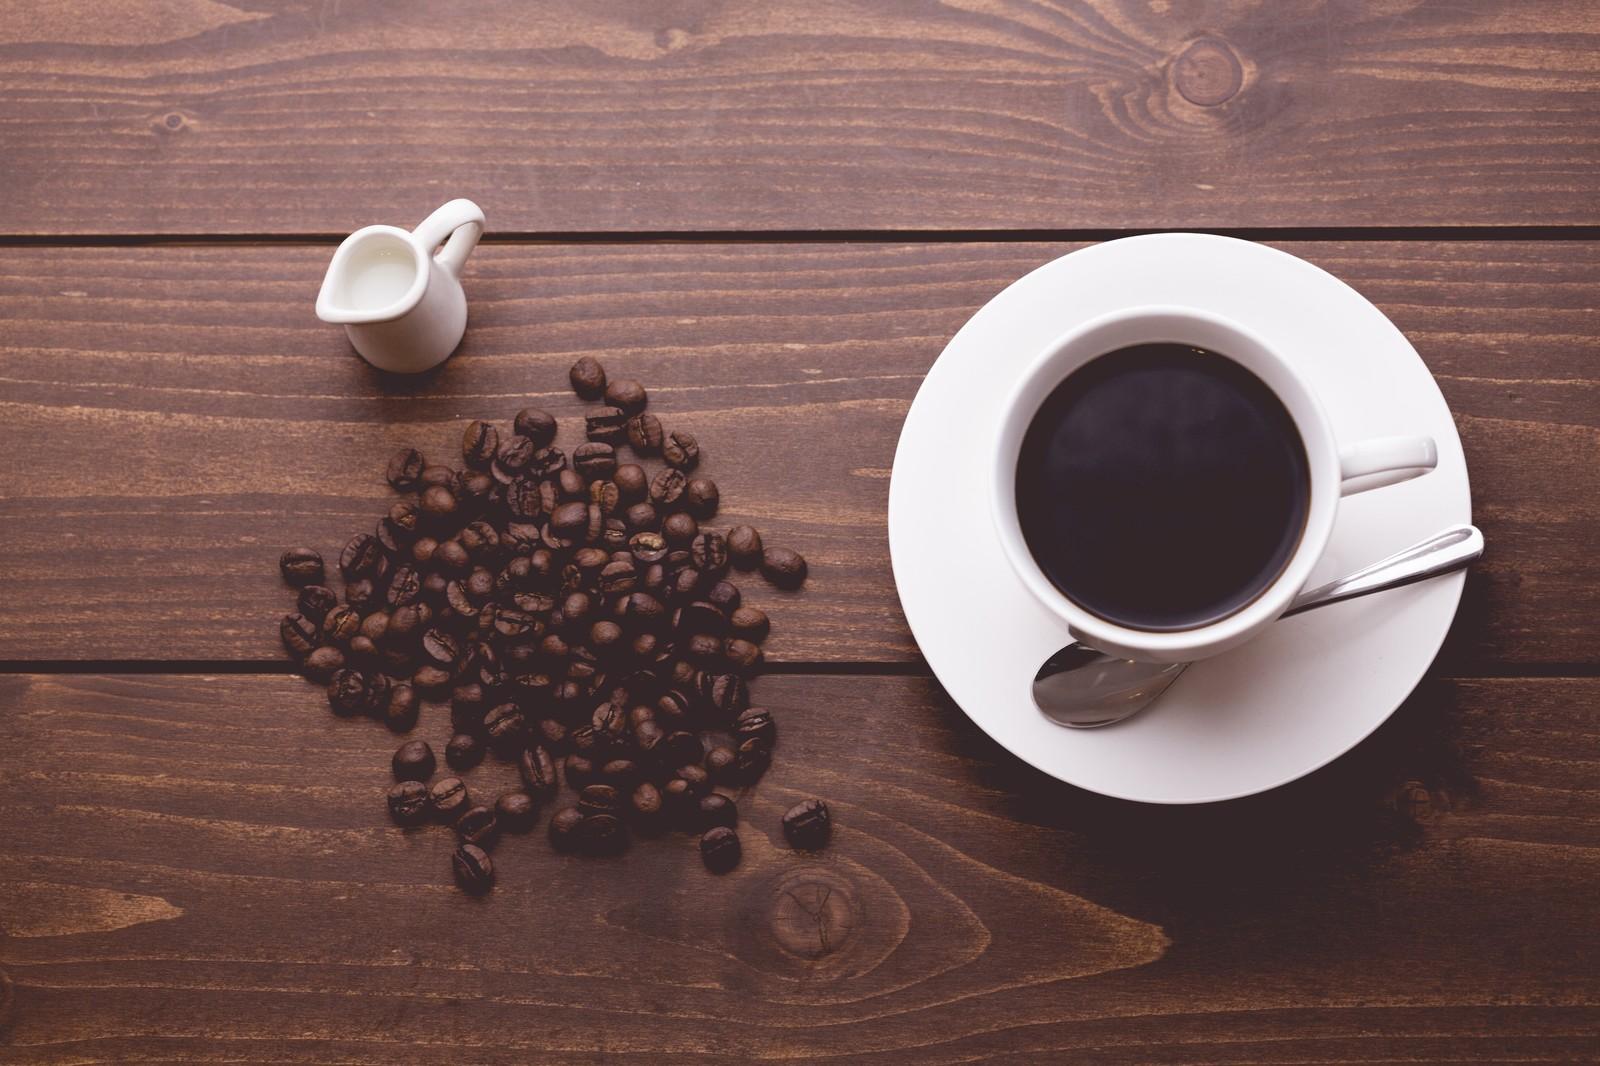 散らばるコーヒー豆と淹れたてのコーヒー